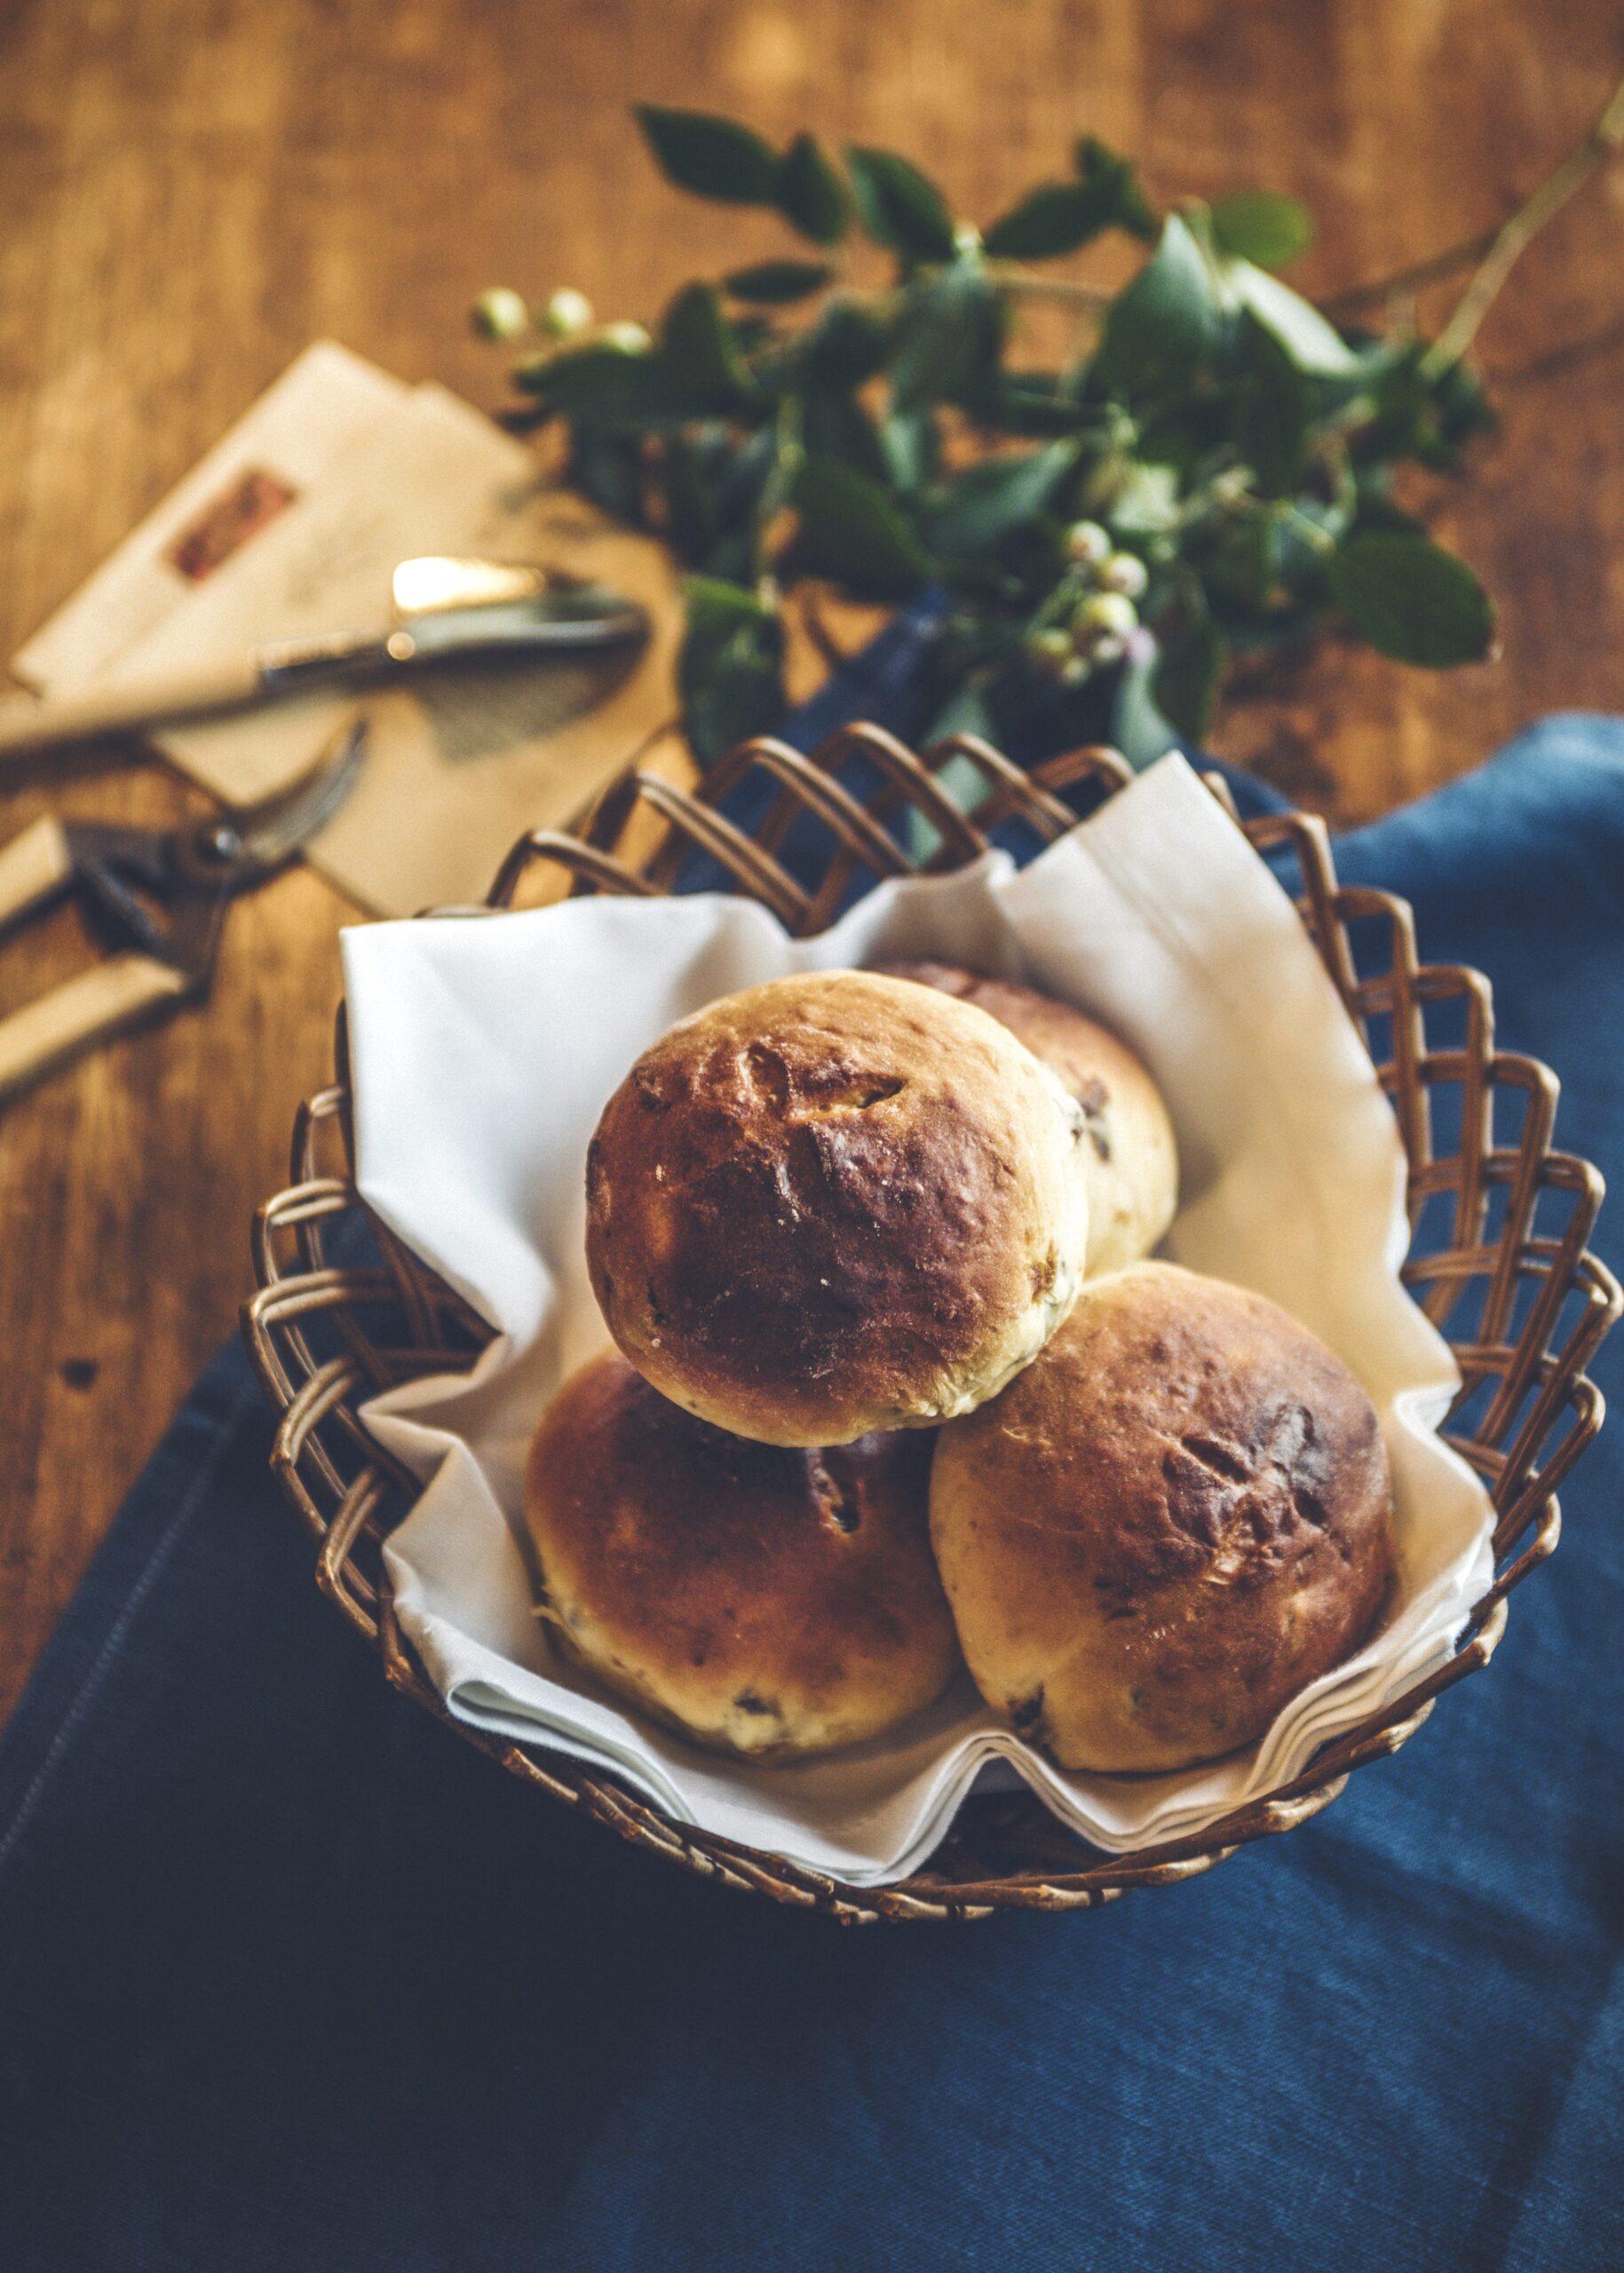 おいしいおはなし 第36回『秘密の花園』庭仕事の合間に食べるまん丸ぶどうパン